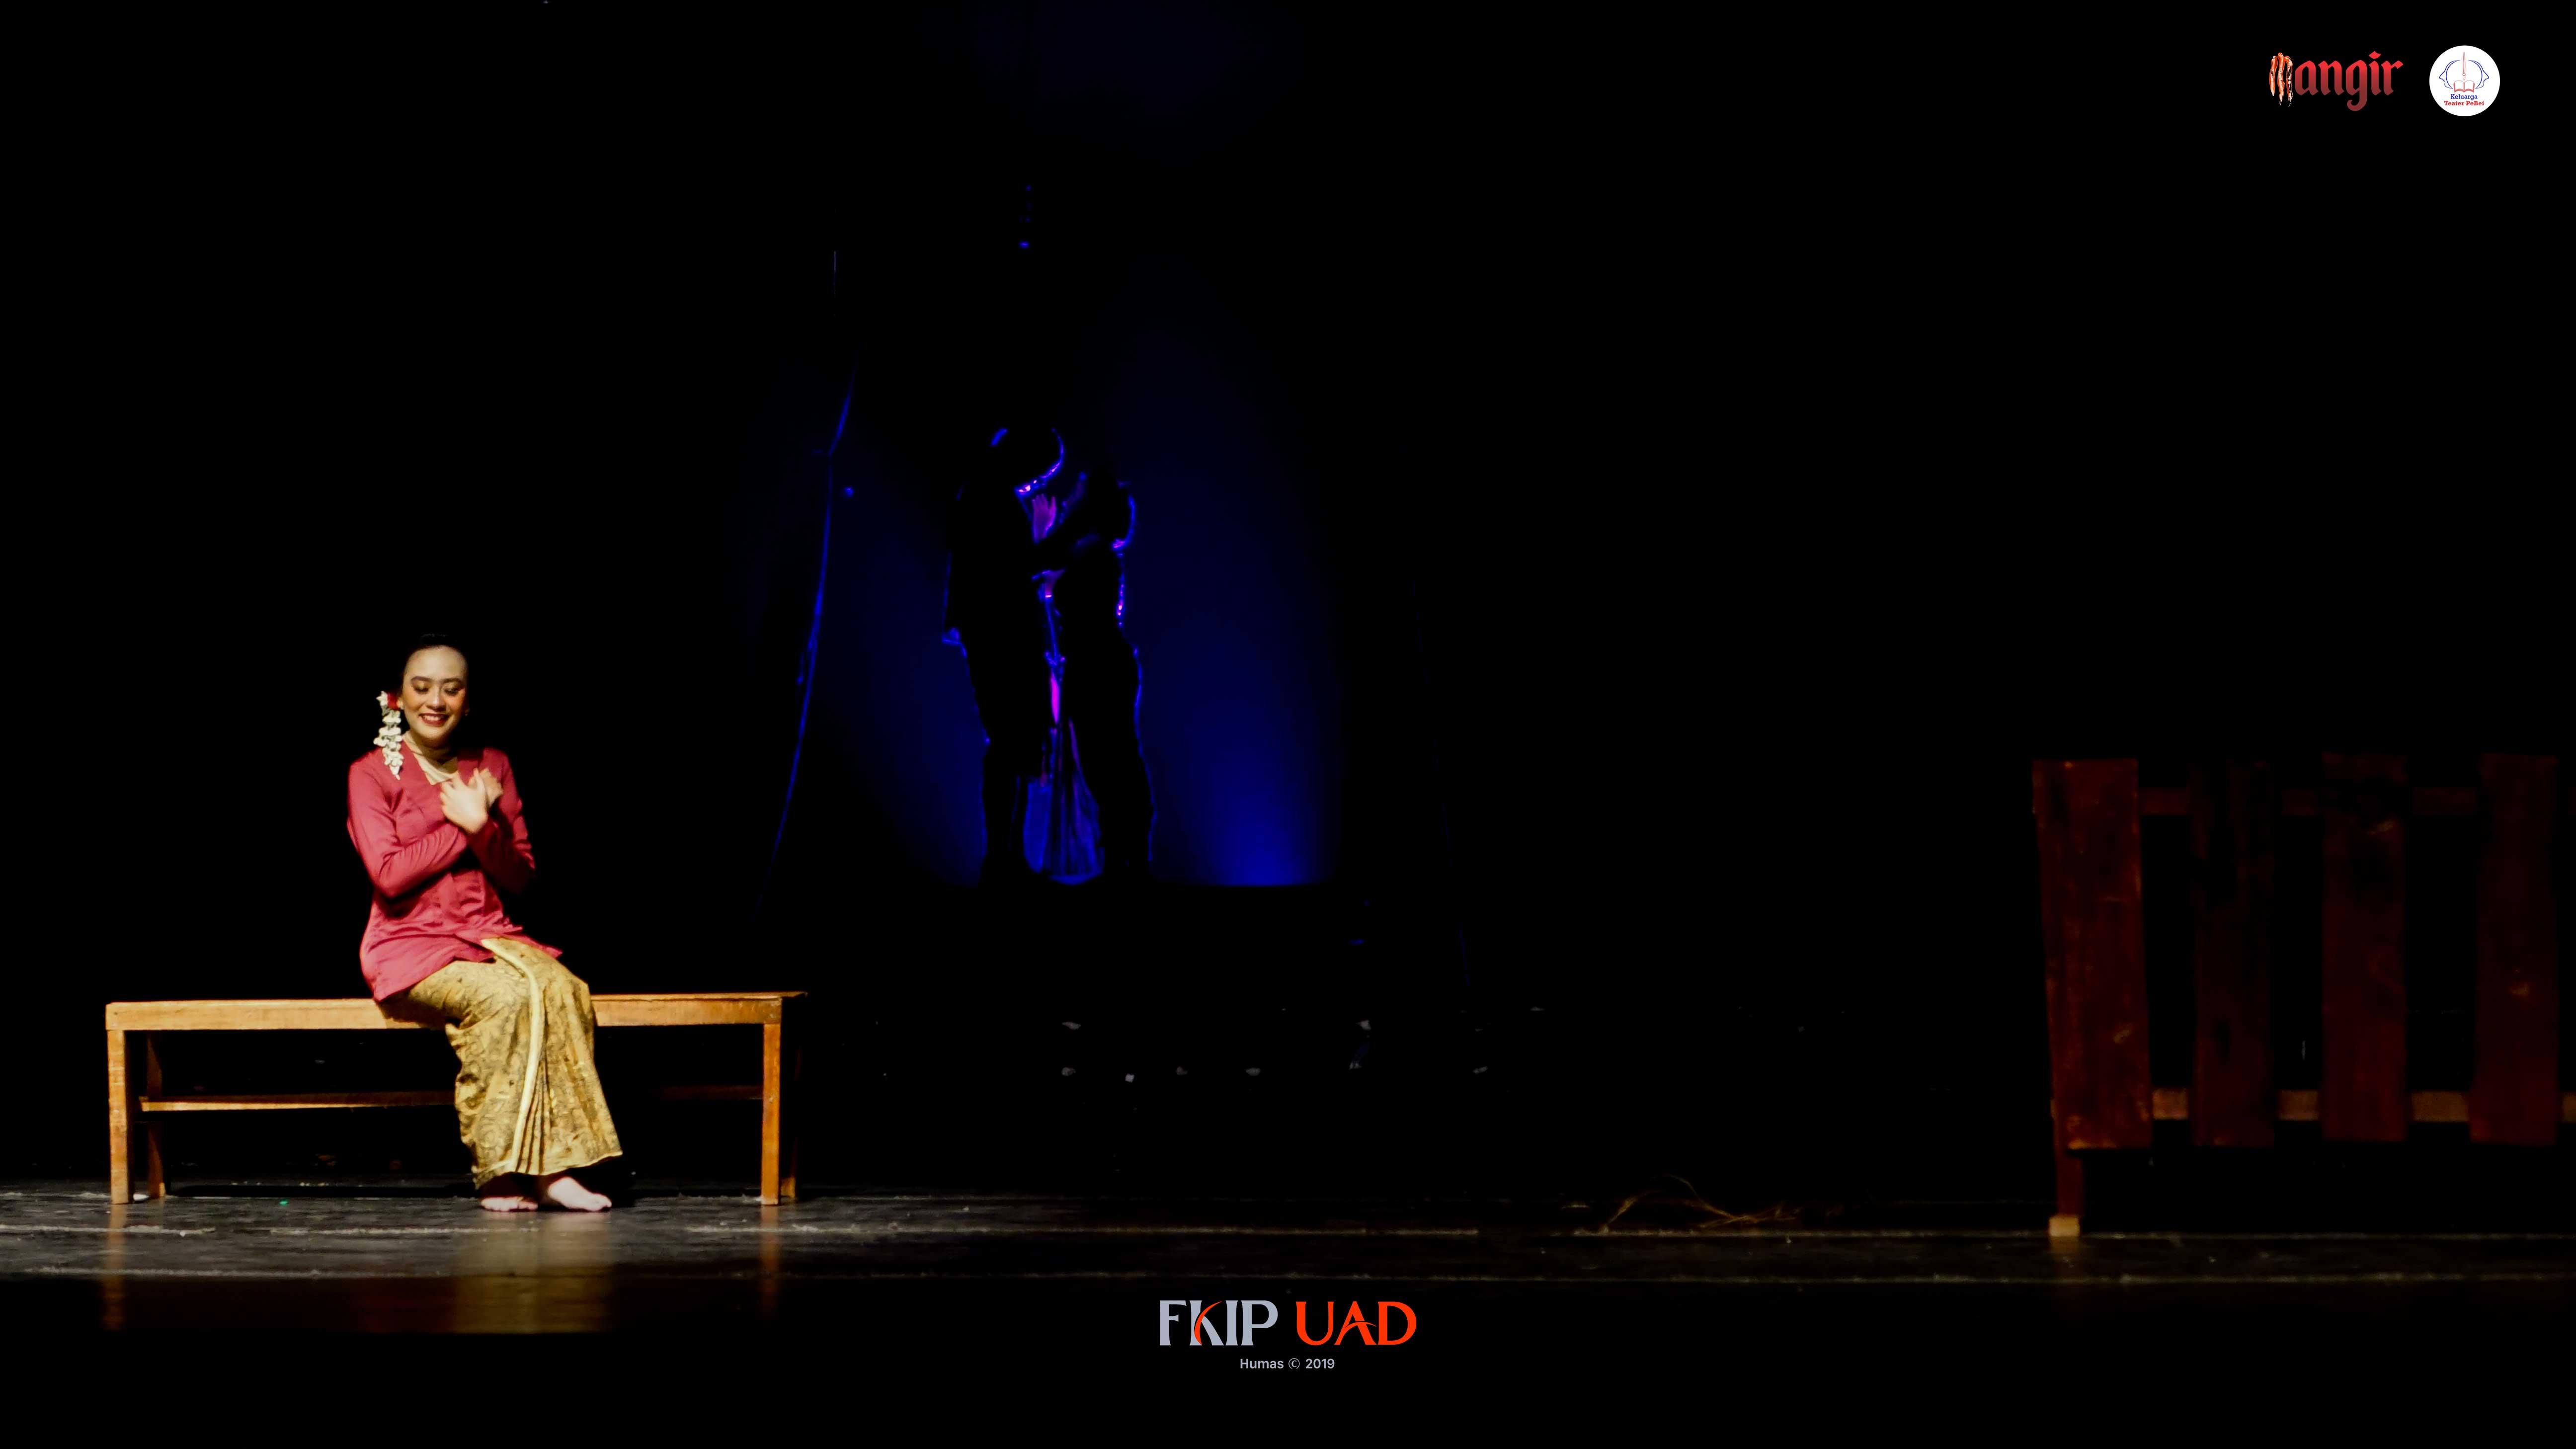 Teater-PeBei-UAD-Mangir